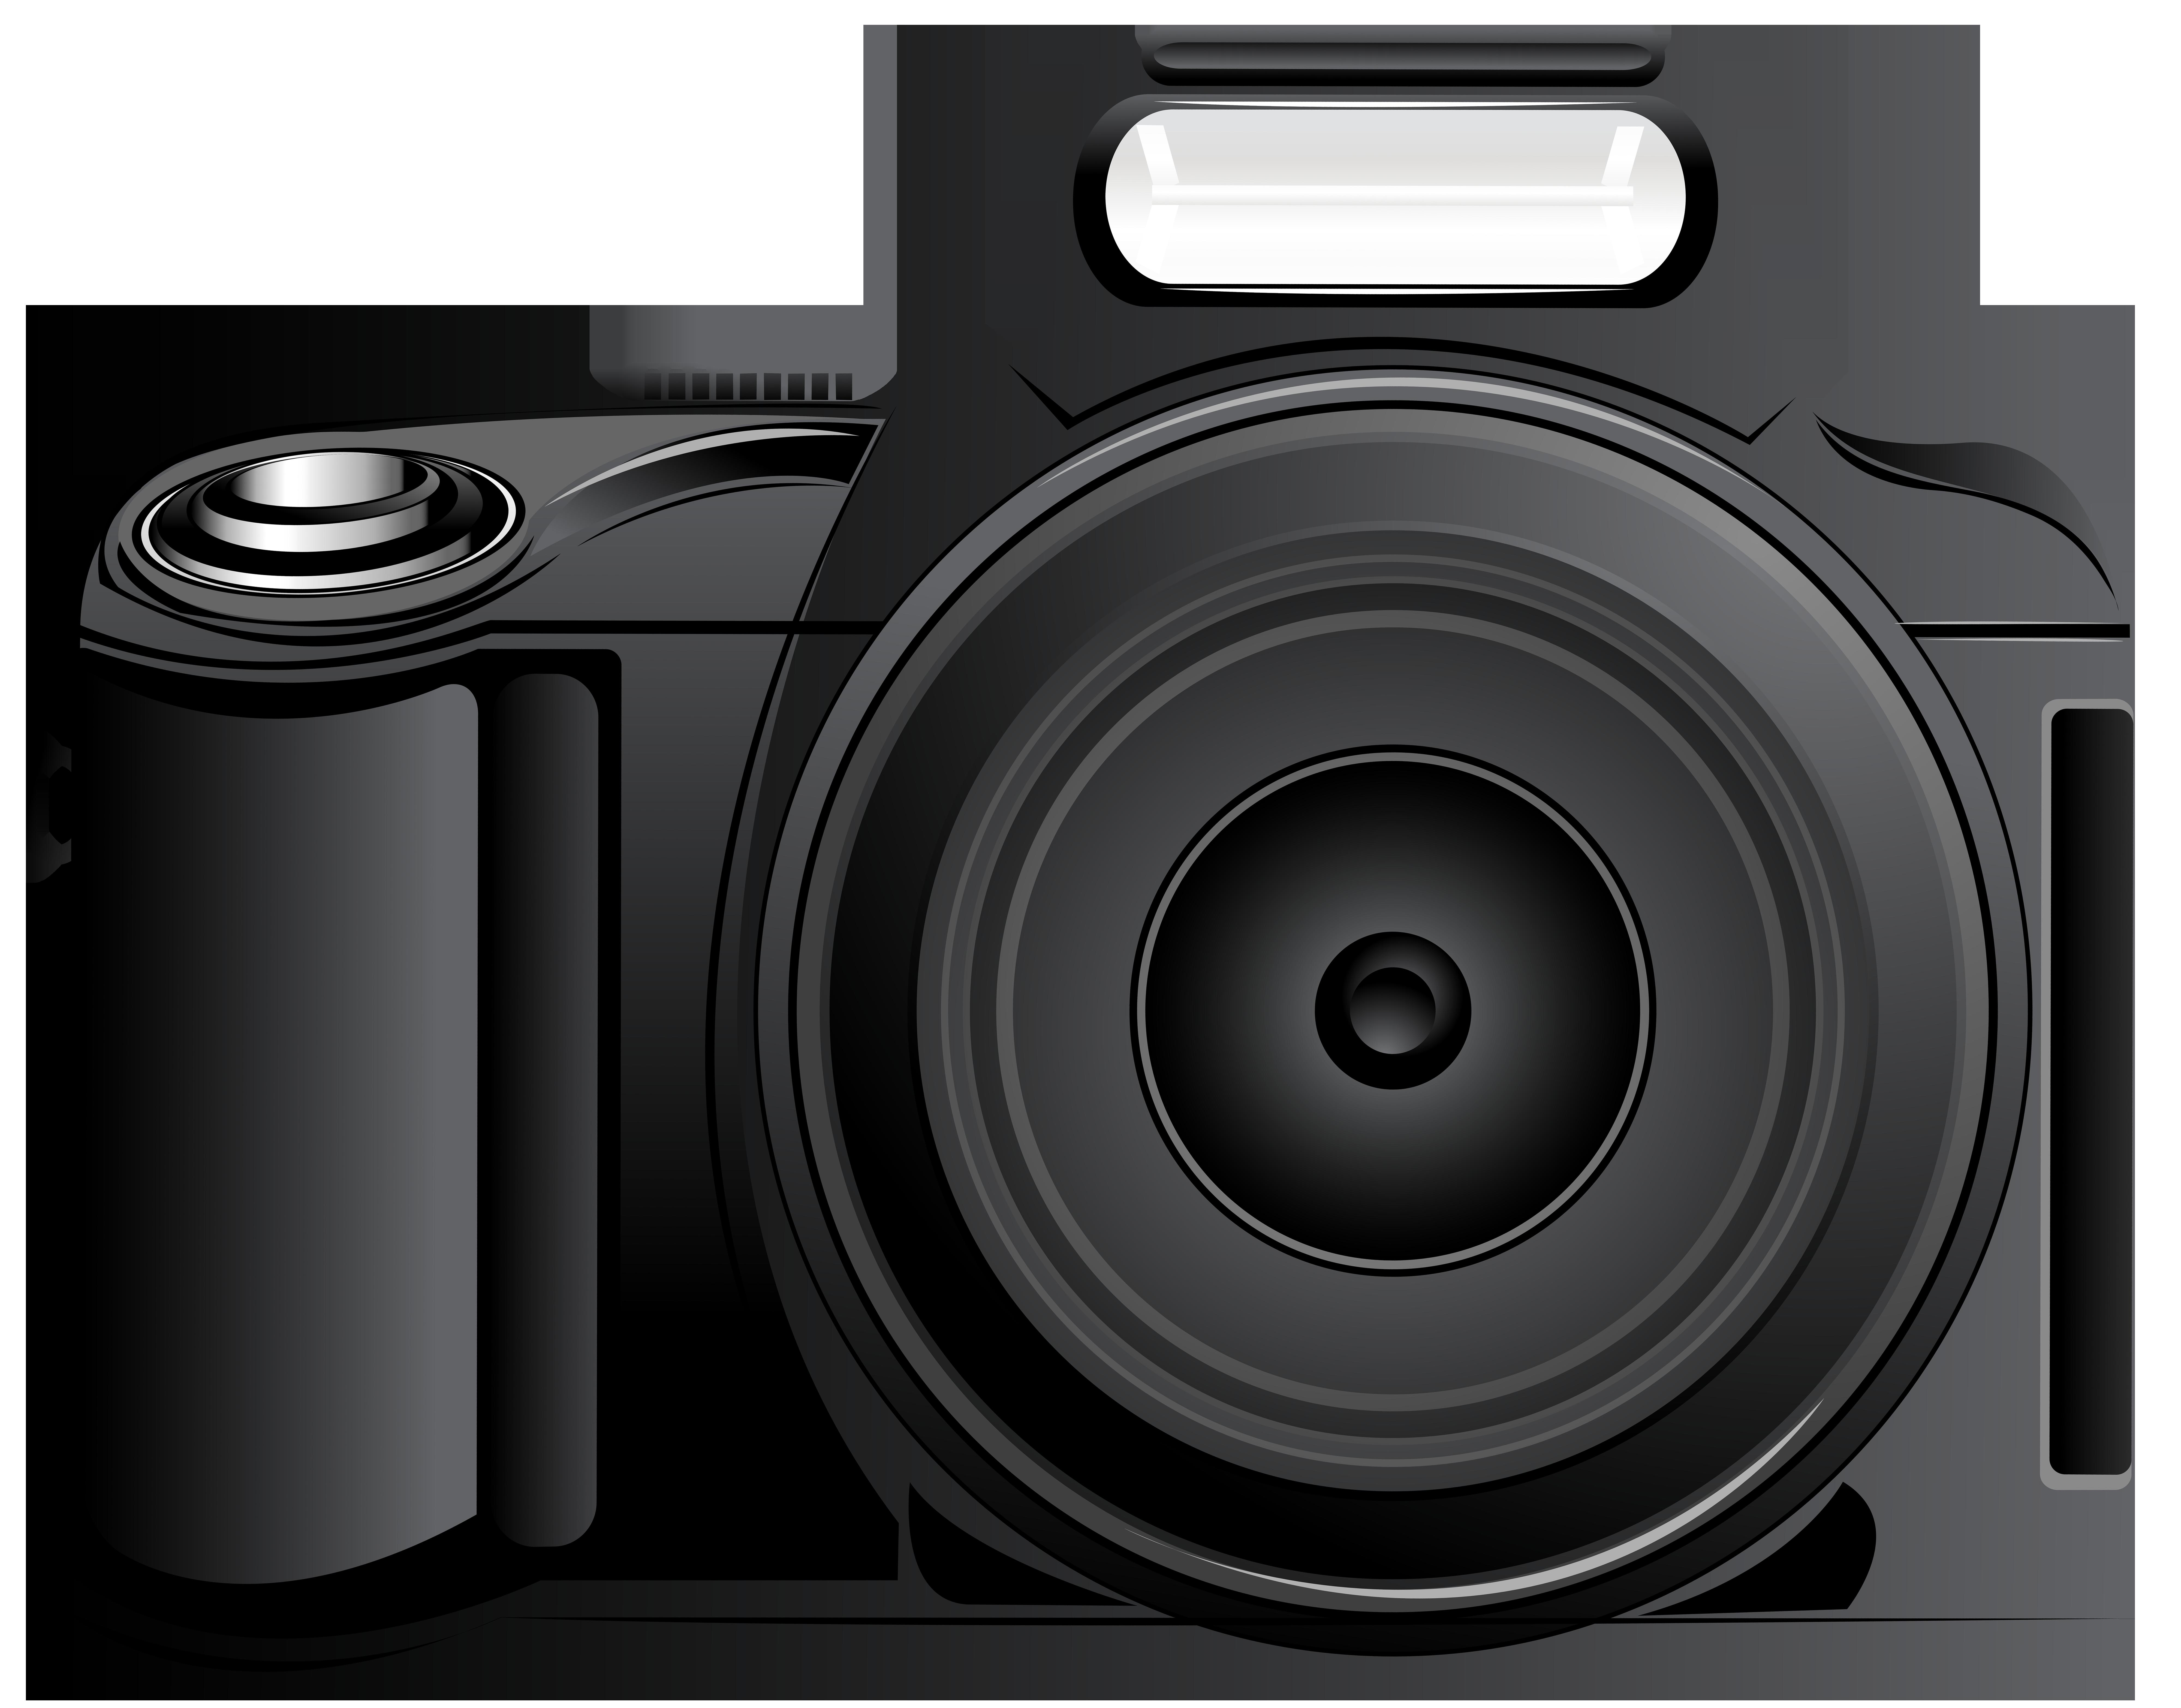 Camera clipart digital camera. Png clip art image